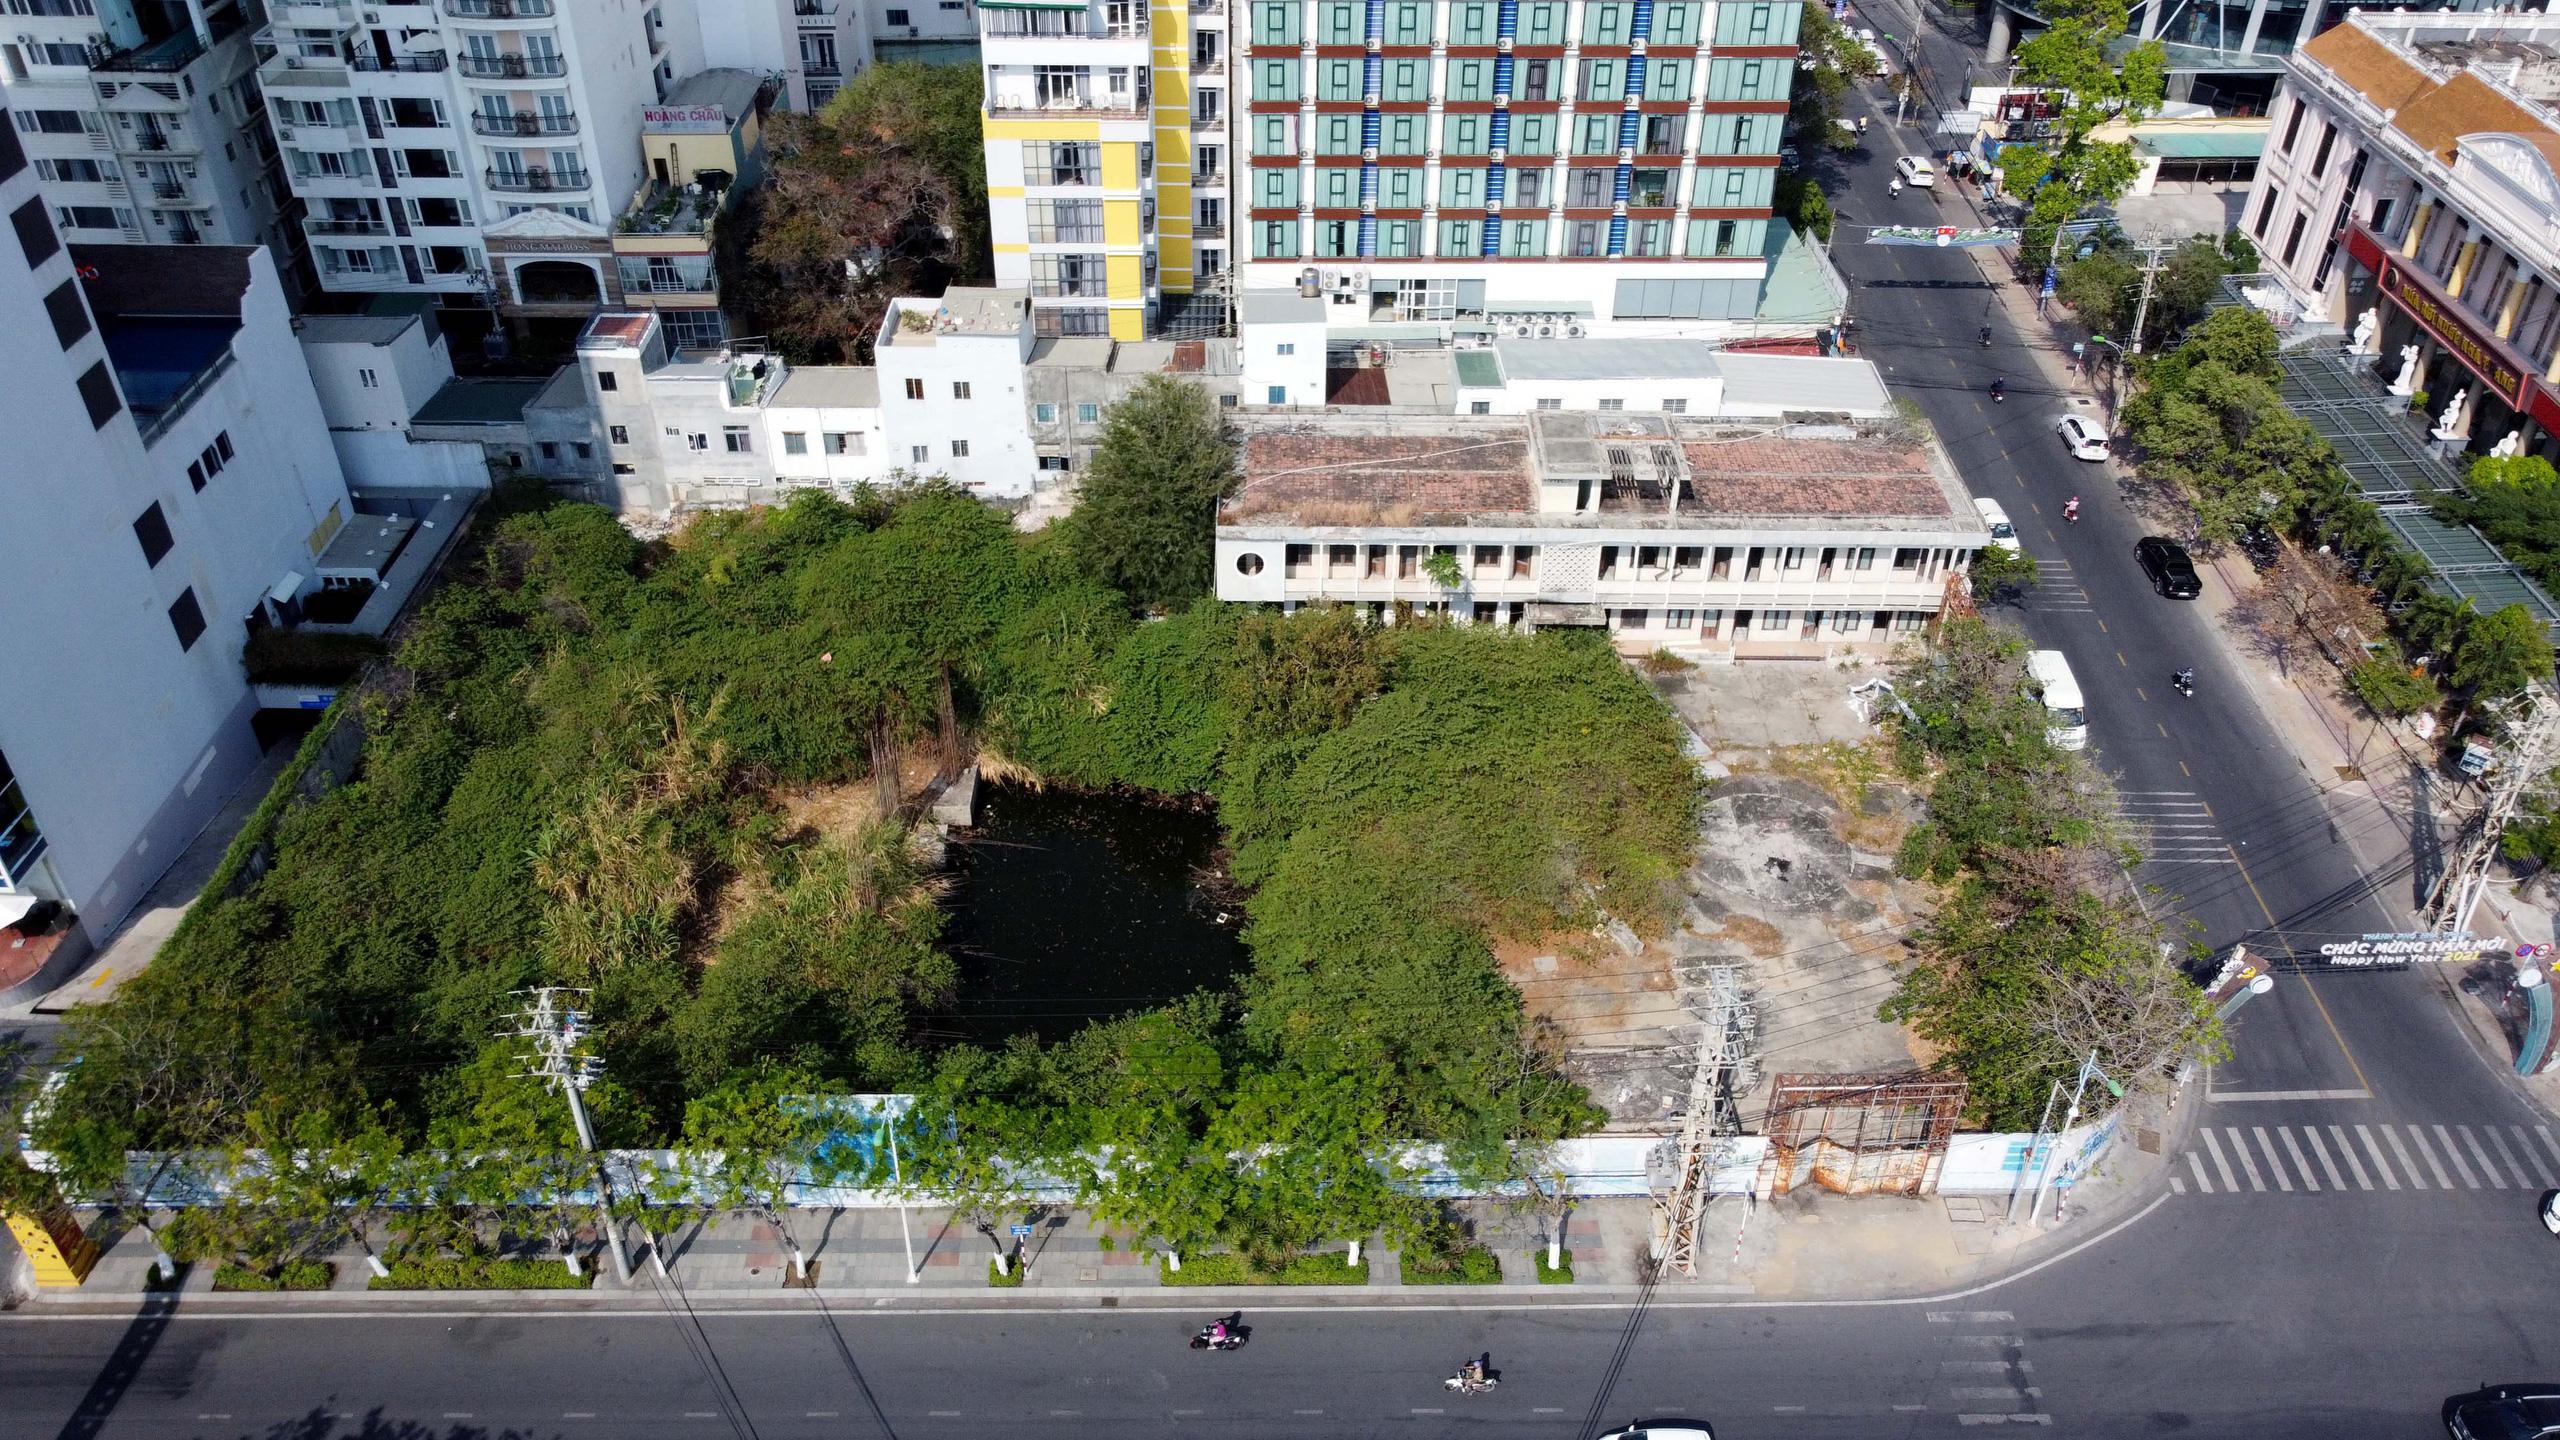 Hàng loạt dự án 'đất vàng' mặt tiền biển Nha Trang trở thành bãi hoang - Ảnh 3.